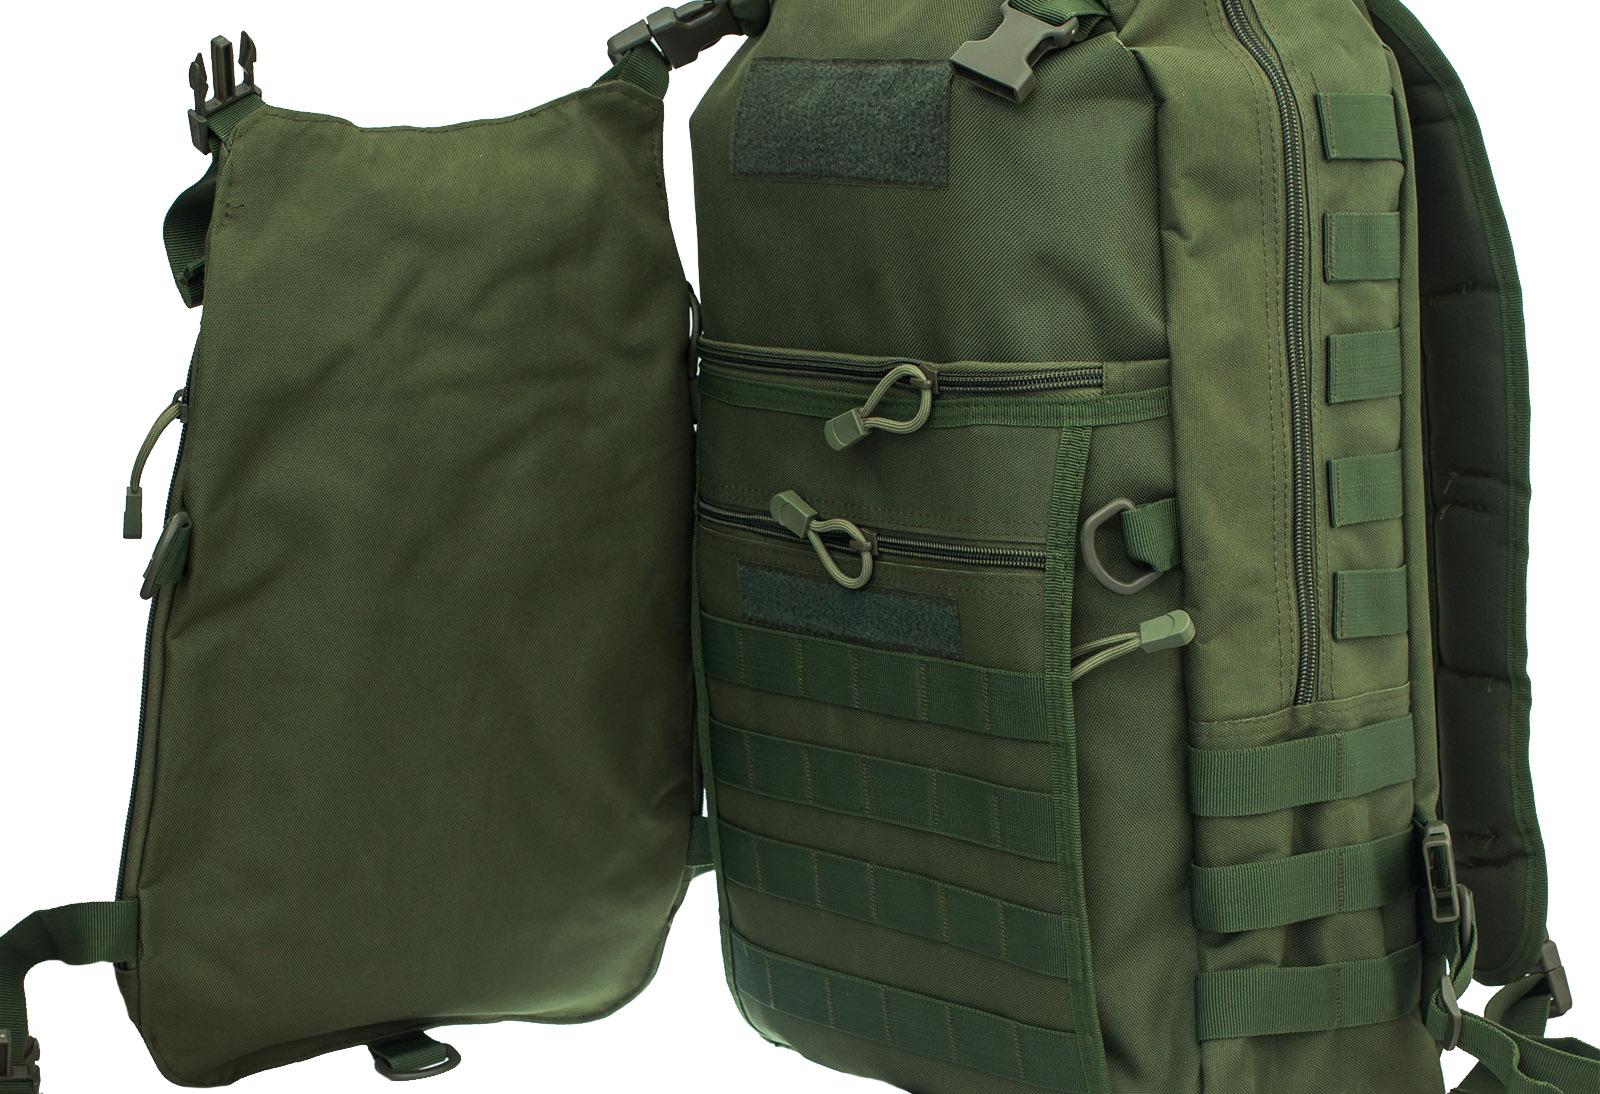 Рейдовый рюкзак хаки-олива высокого качества